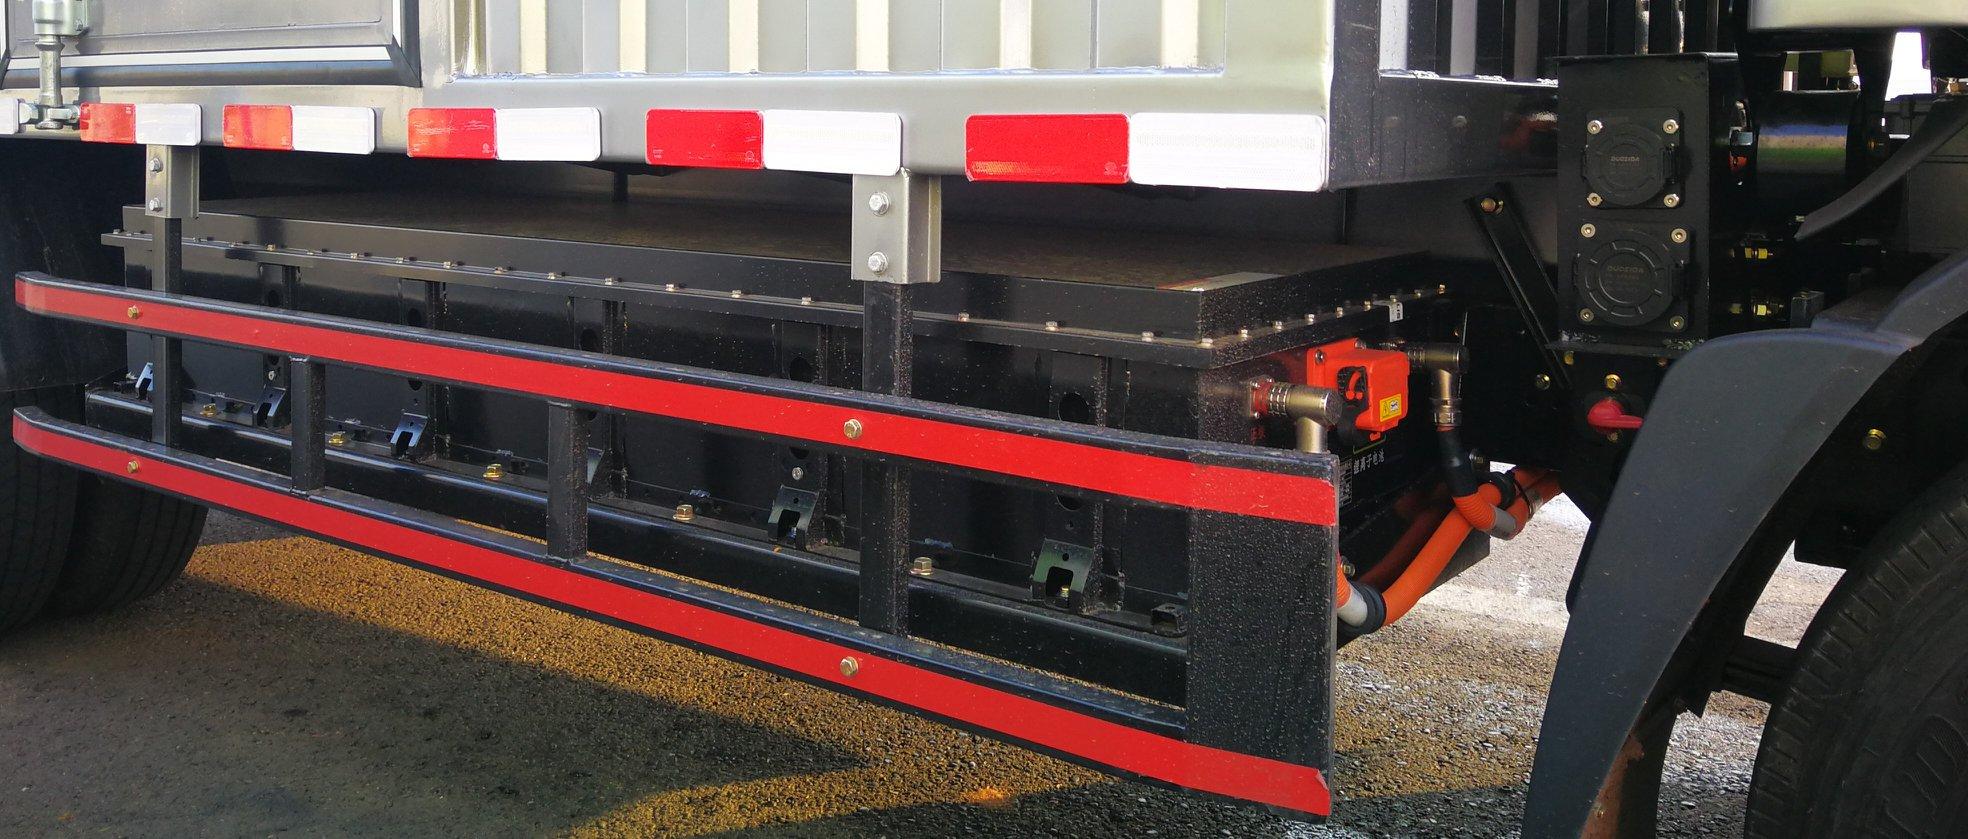 Cnj-elektrische-vrachtwagens-van-39-kwh-tot-93-kwh-met-lading-van-2-5-ton-tot-8-ton-9